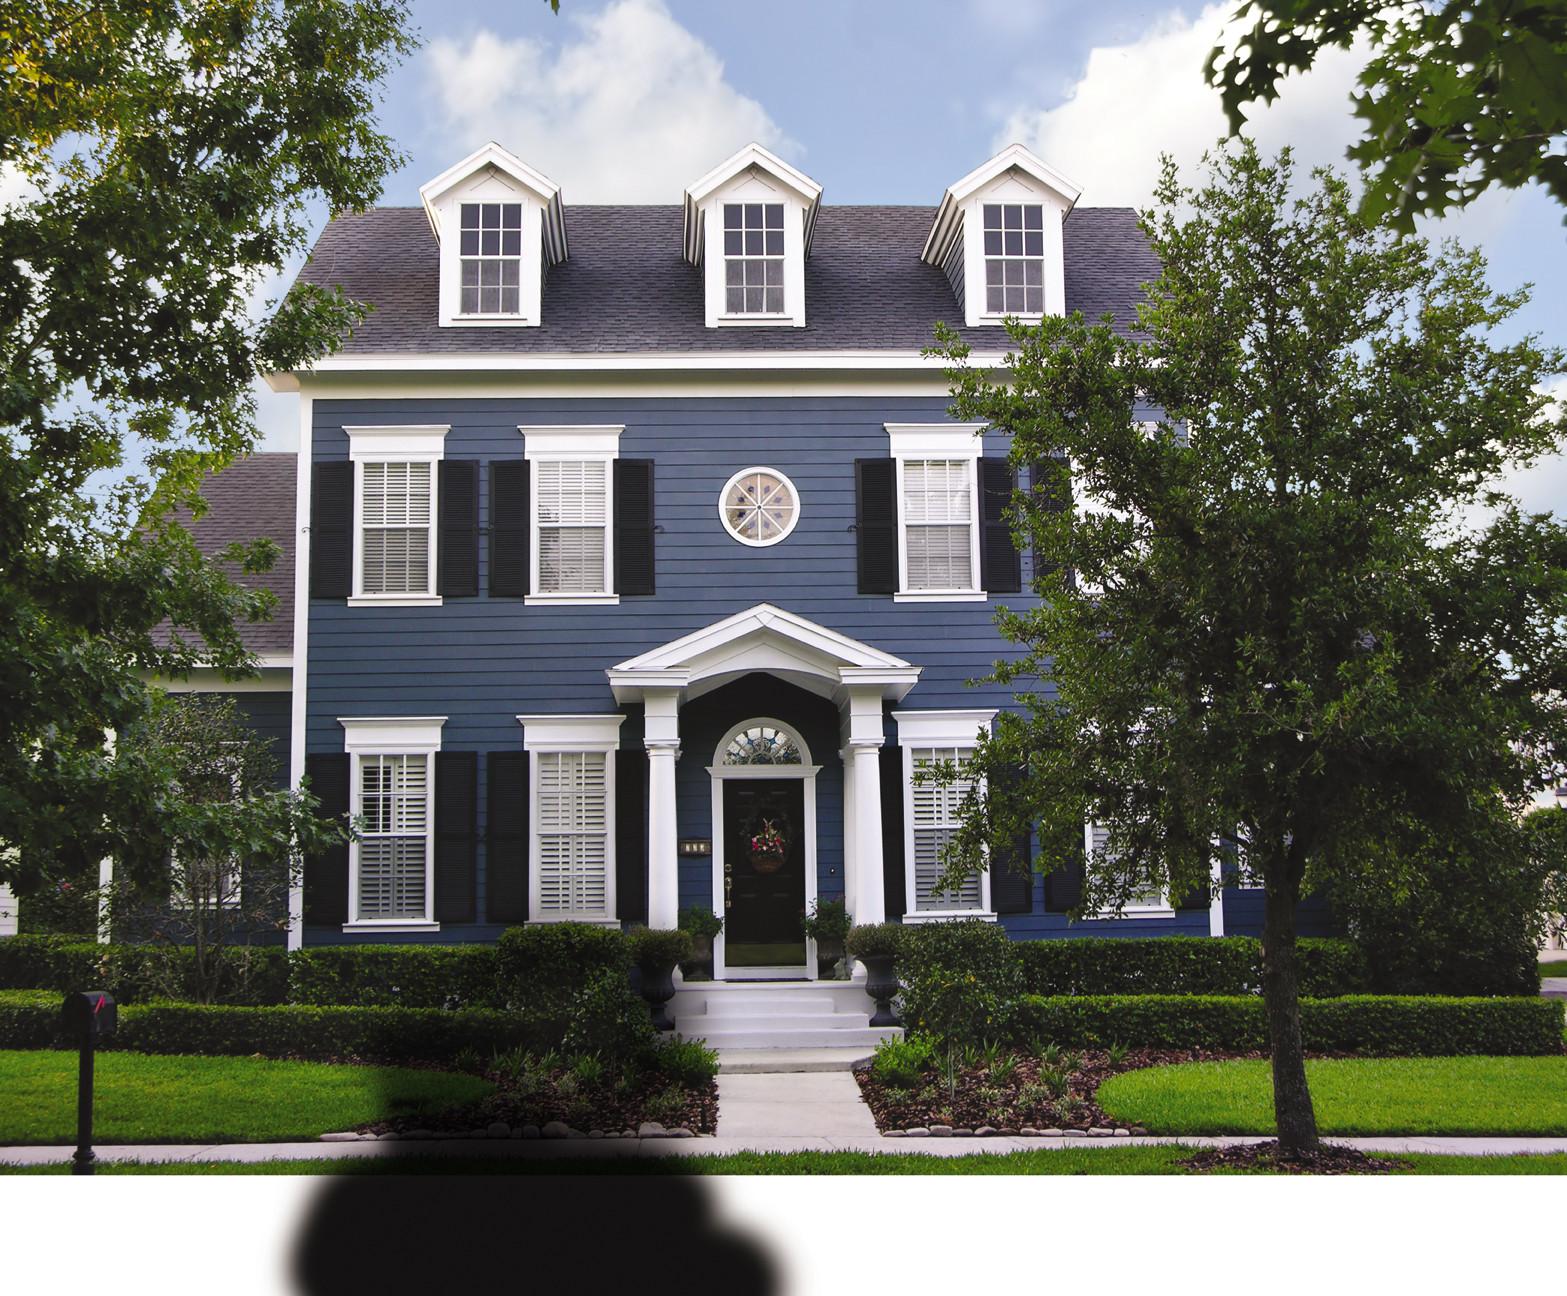 Best ideas about Best Exterior House Paint Colors . Save or Pin Popular Exterior Paint Colors by Region Now.